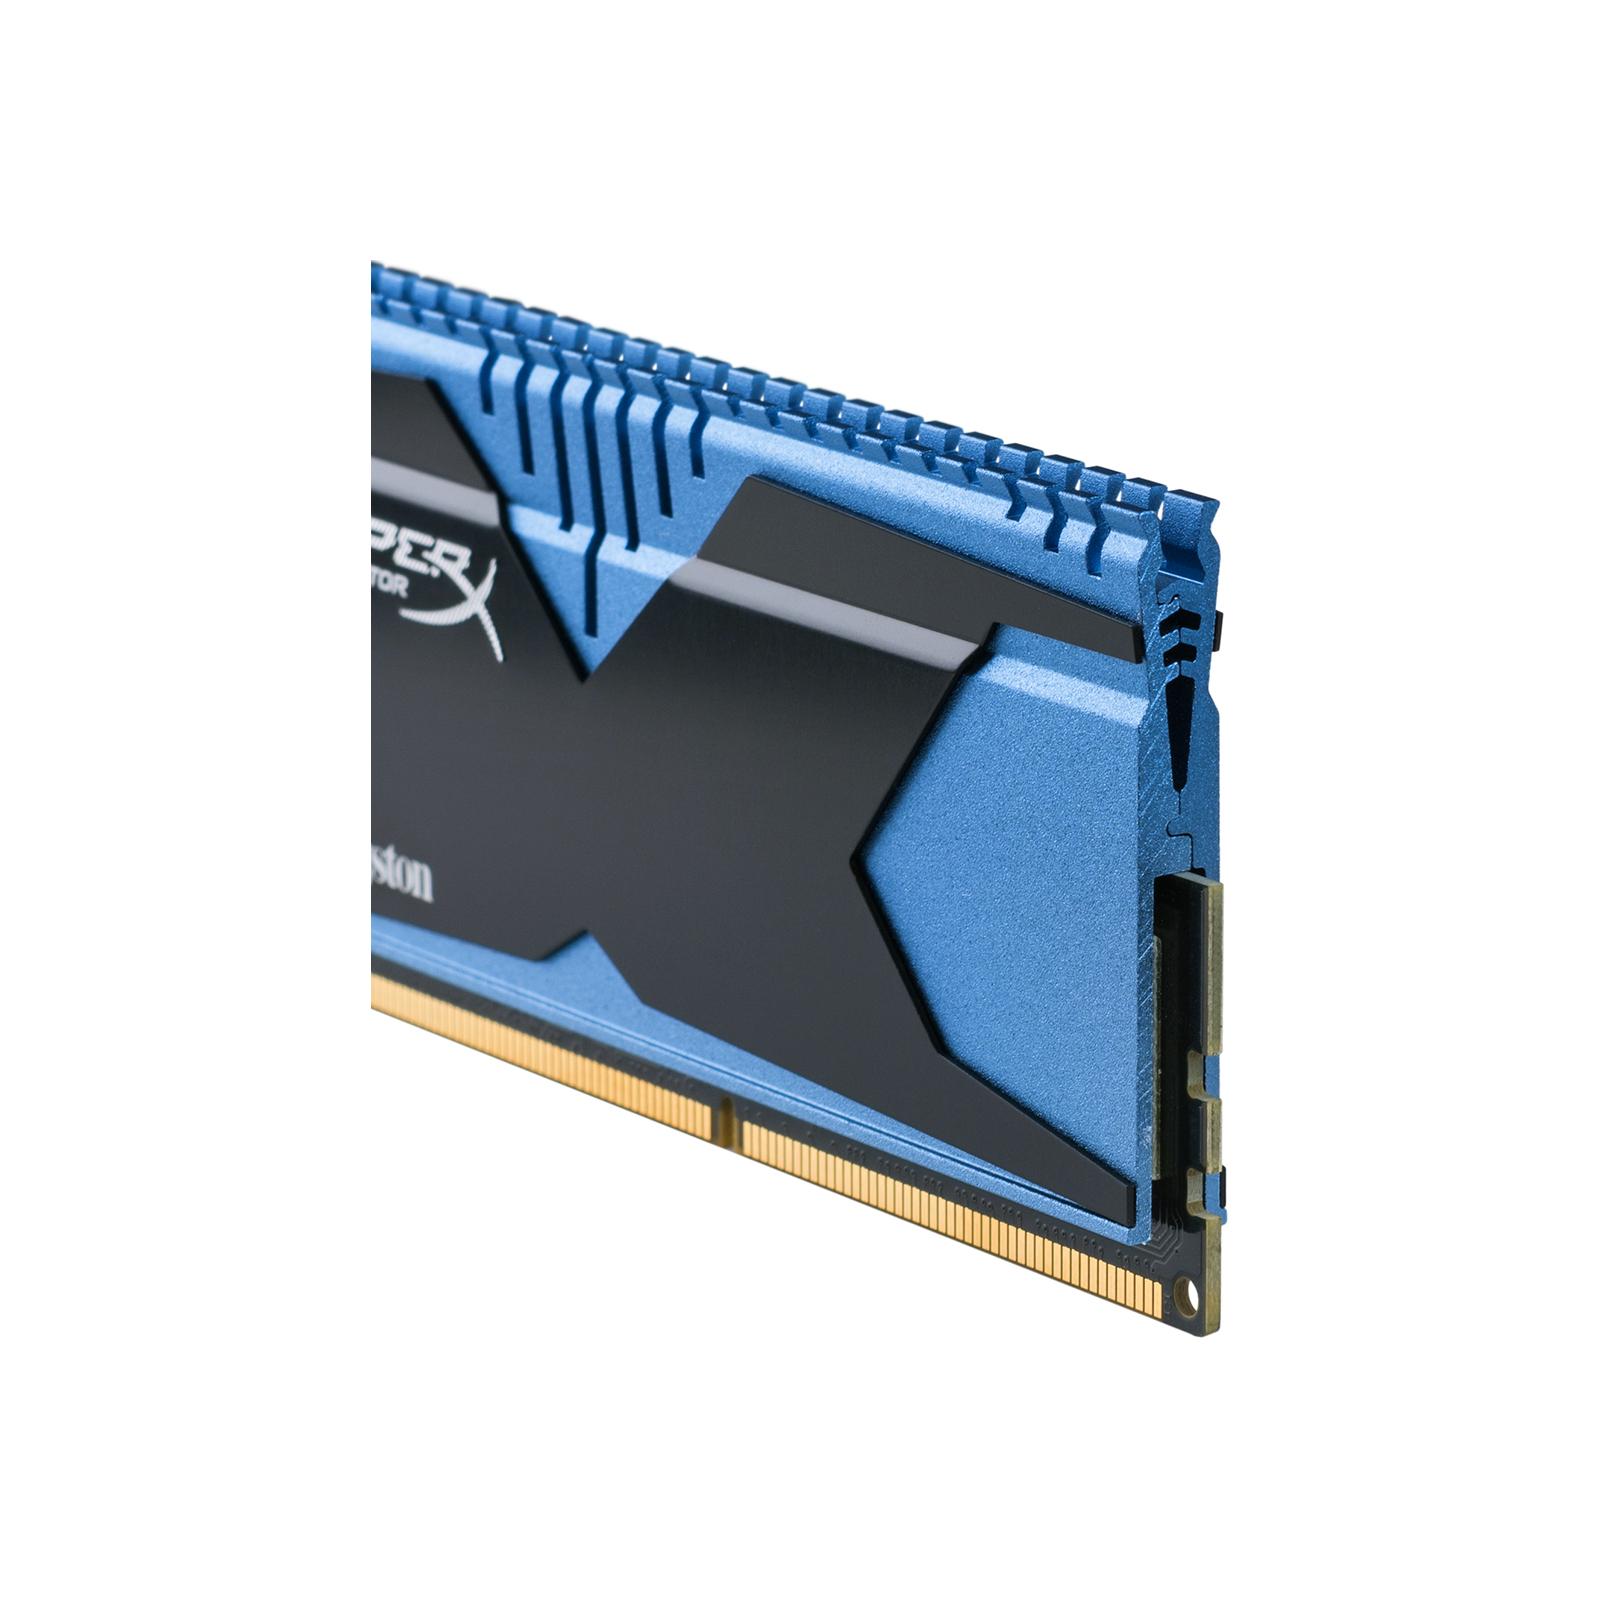 Модуль памяти для компьютера DDR3 8GB (2x4GB) 2800 MHz Kingston (KHX28C12T2K2/8X) изображение 4